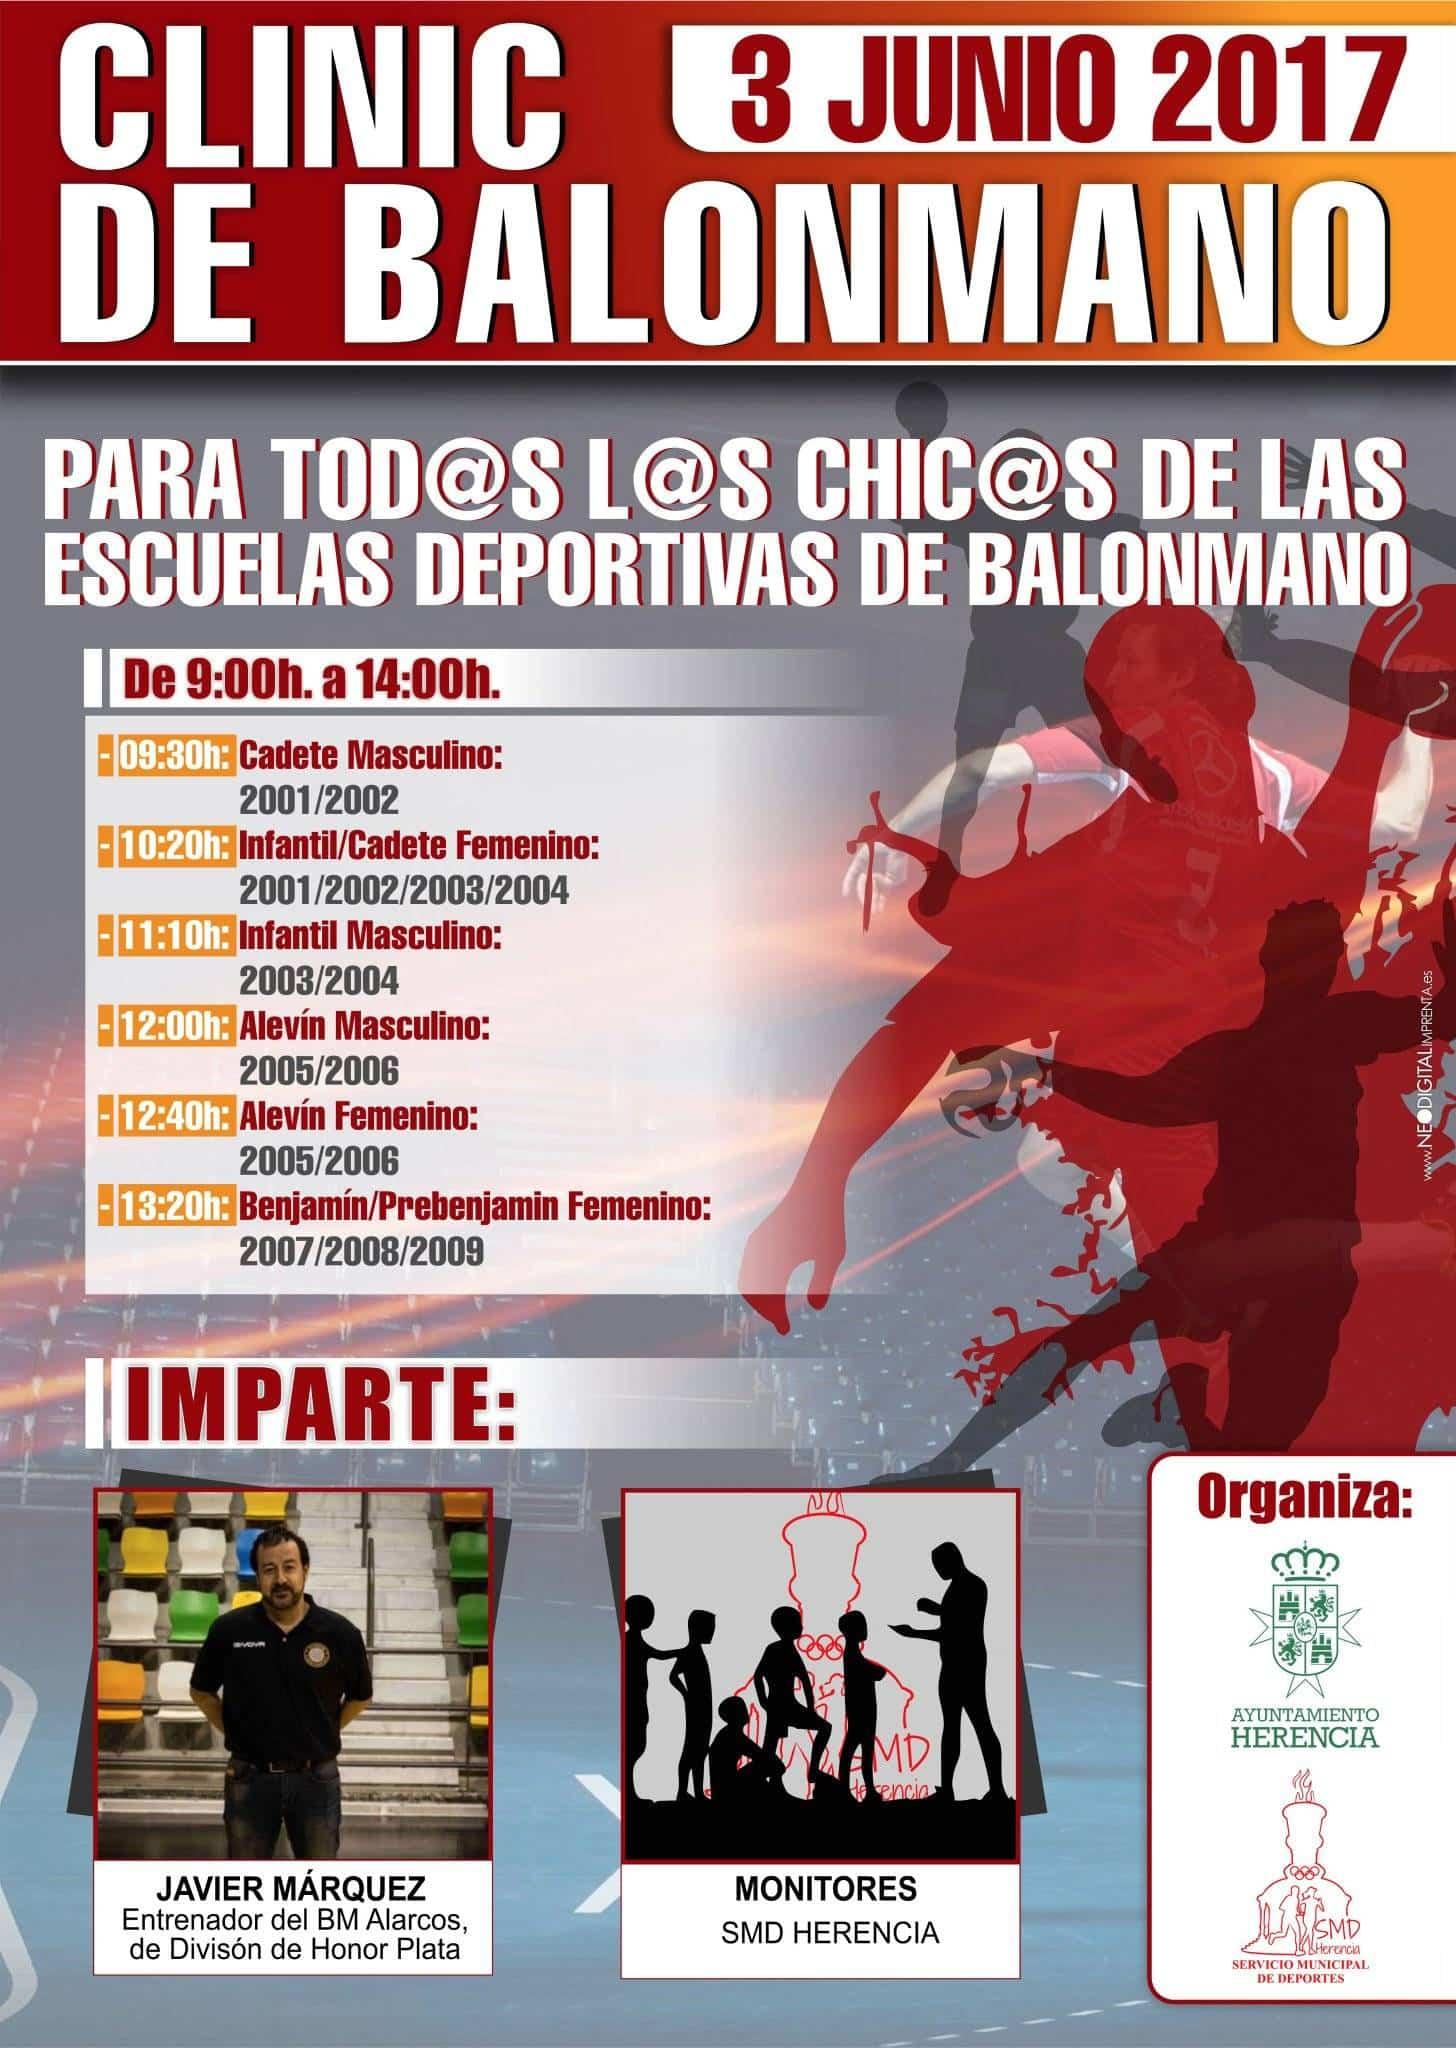 Clinic de Balonmano en Herencia 3